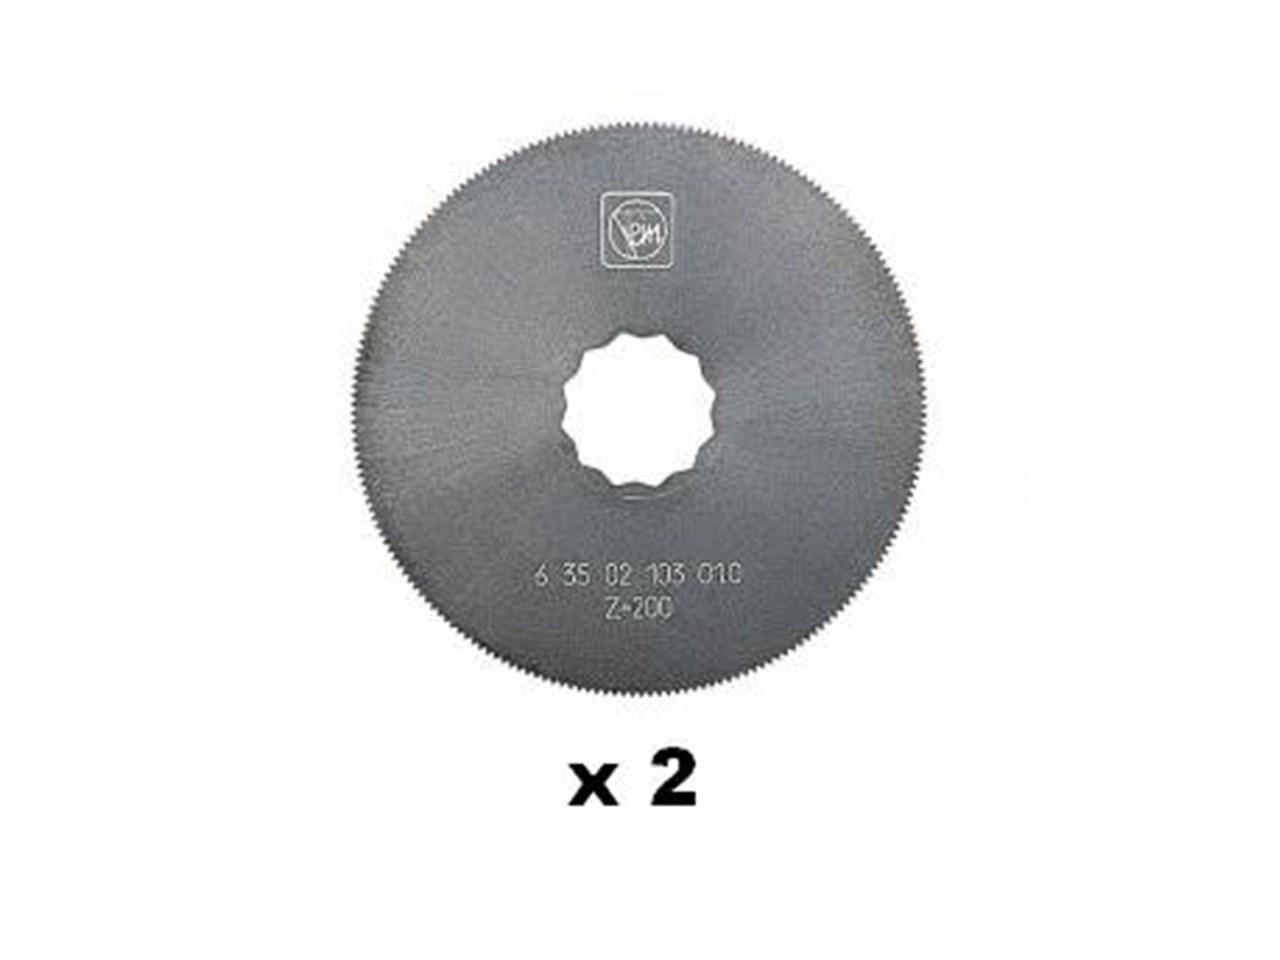 Fein 63502102016 Supercut 63mm HSS Saw Blade x 2